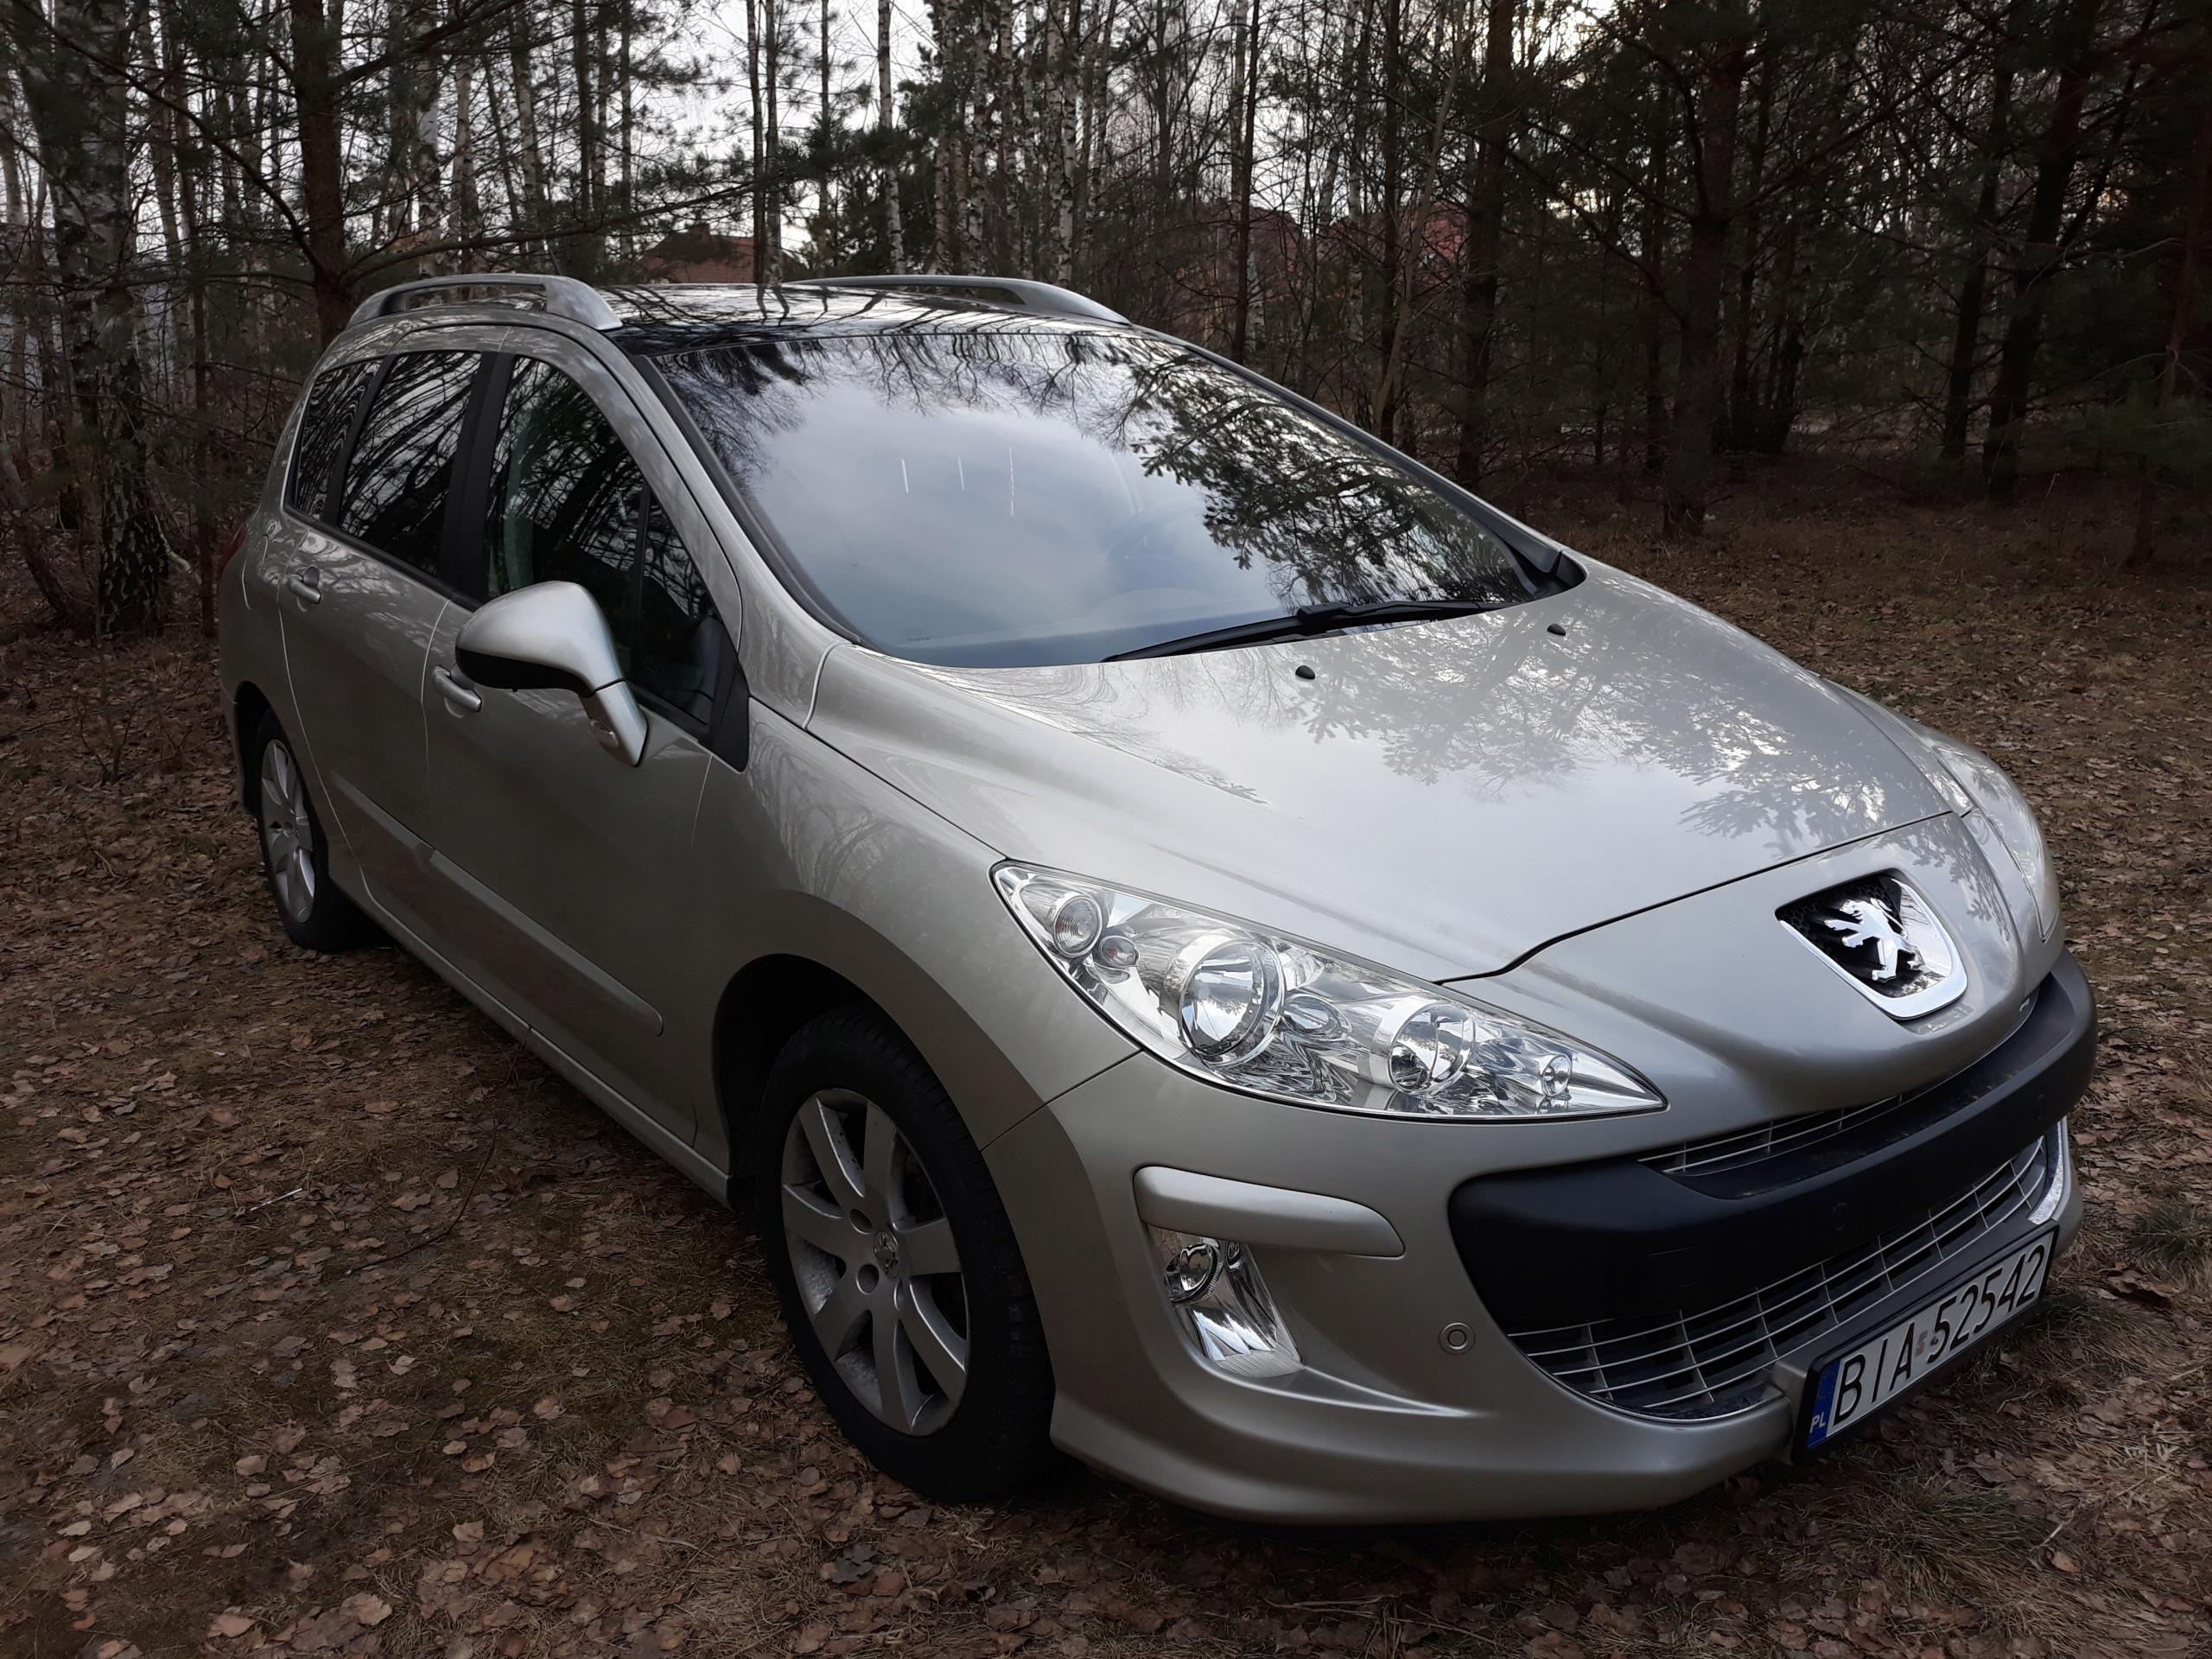 Młodzieńczy Peugeot 308 SW 1.6 benzyna 120 KM 7-osobowy - Opinie i ceny na BZ31